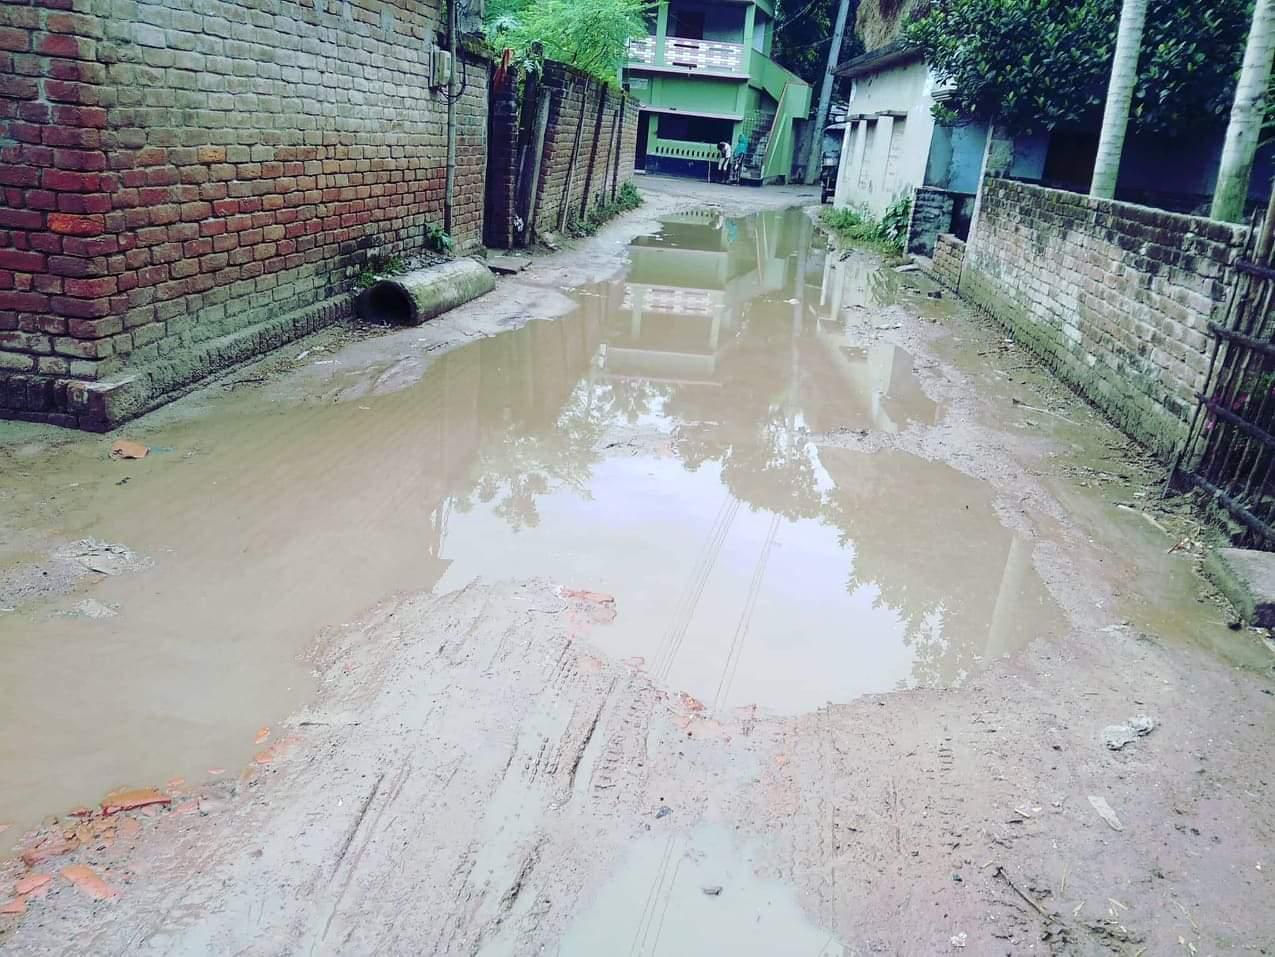 গোদাগাড়ী পৌরসভার বিভিন্ন এলাকায় সামান্য বৃষ্টিতে জলাবদ্ধতা সৃষ্টি হয়